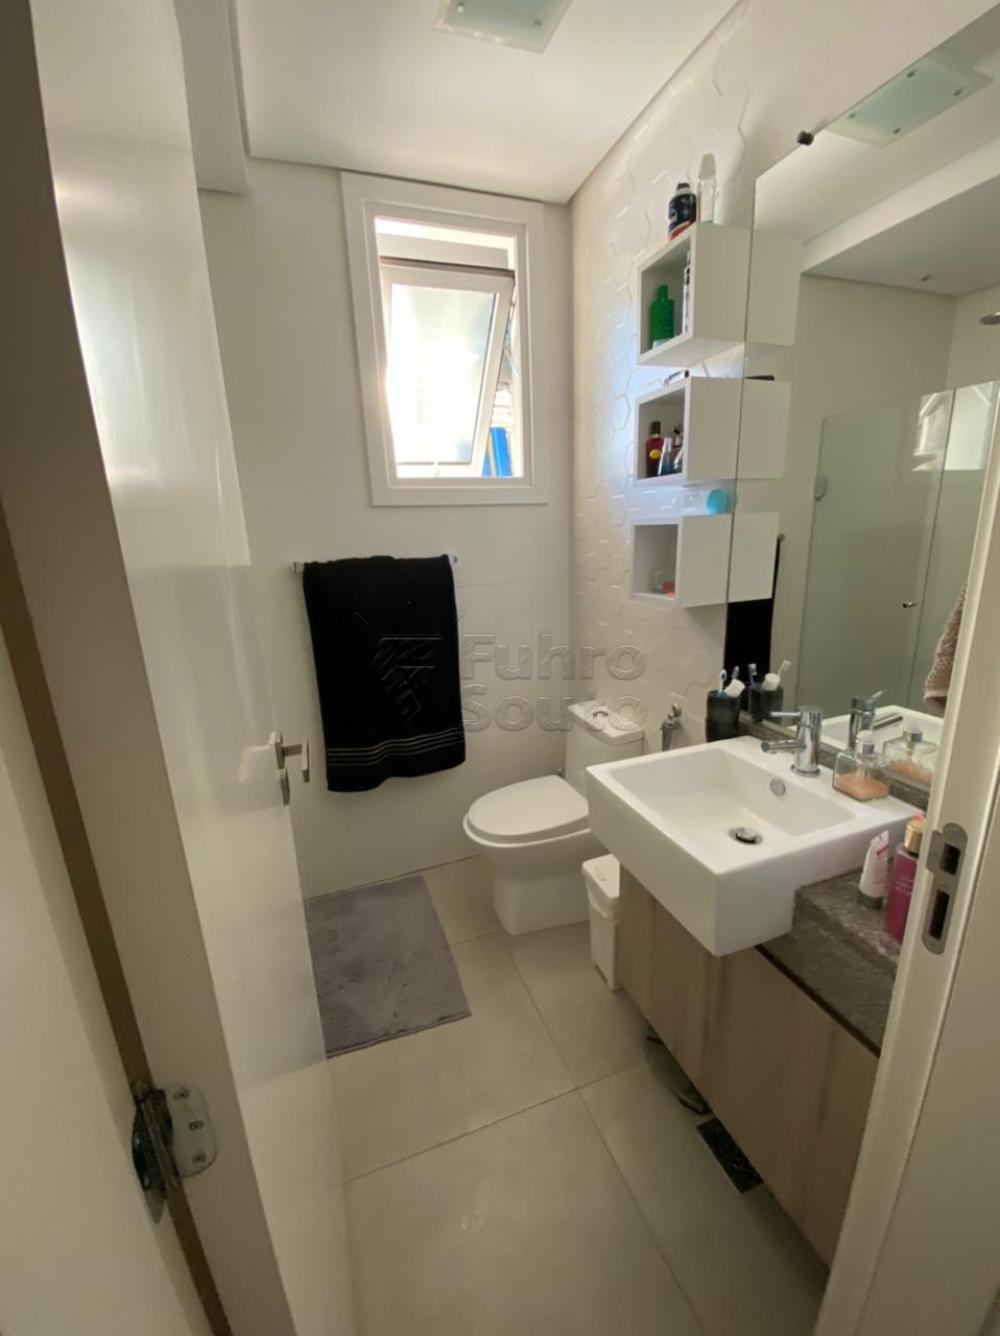 Comprar Apartamento / Padrão em Pelotas R$ 477.000,00 - Foto 9